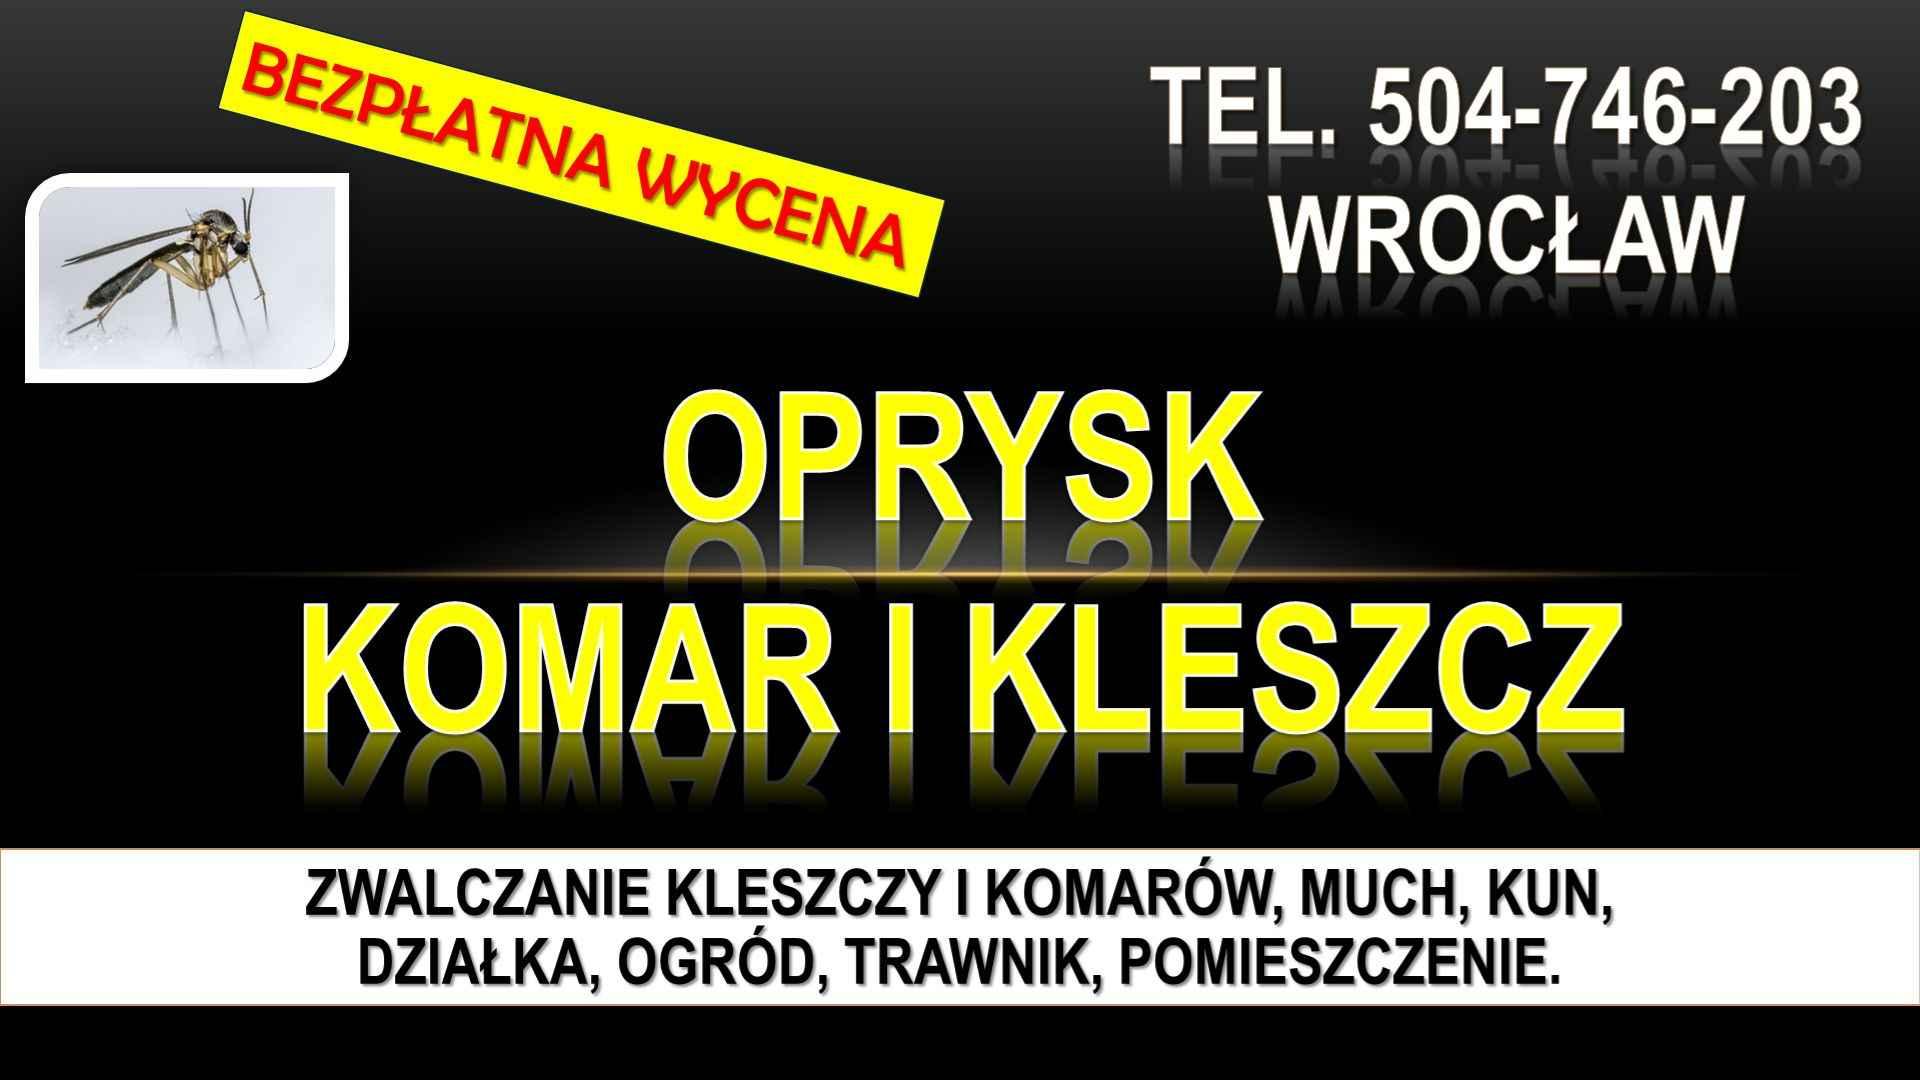 Zwalczanie kleszczy, cena, Wrocław, t504-746-203, Opryski, likwidacja. Psie Pole - zdjęcie 4